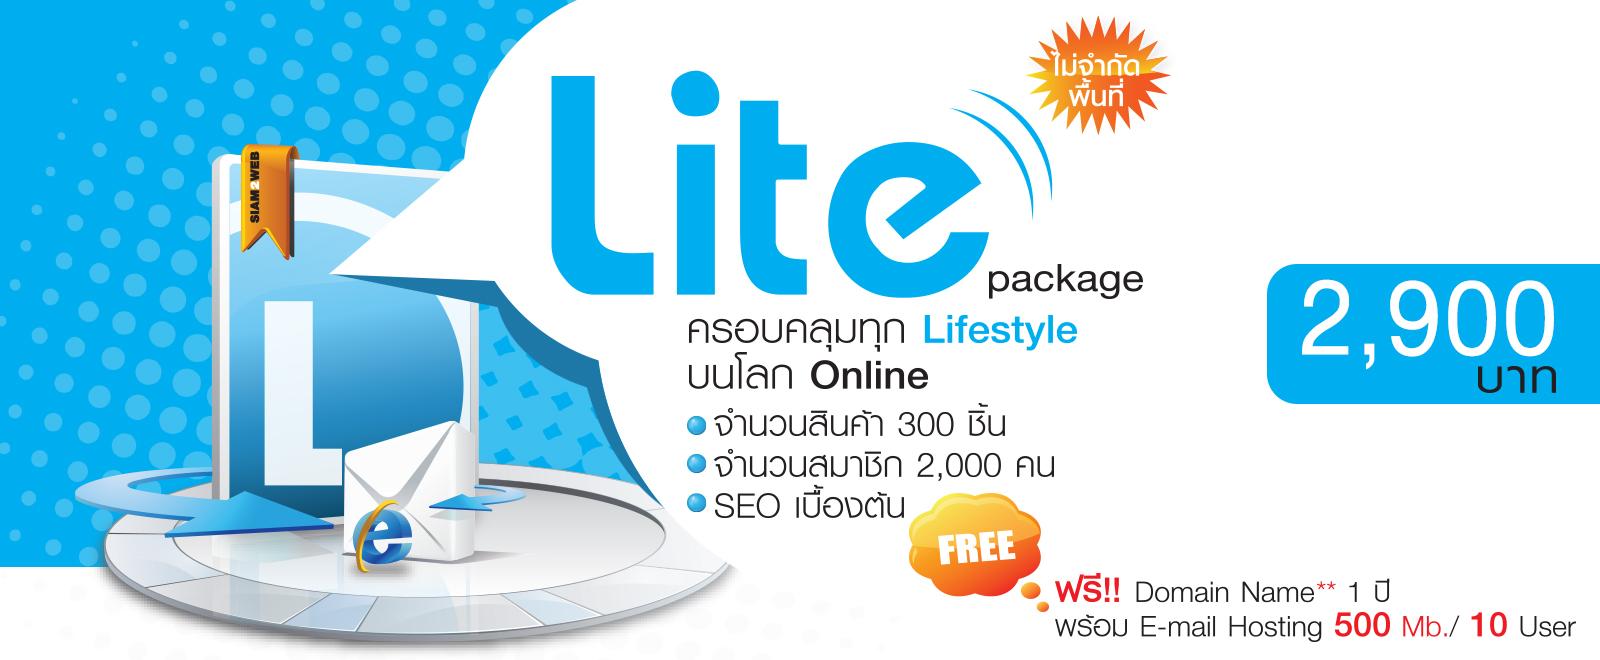 เว็บไซต์สำเร็จรูป Lite Package